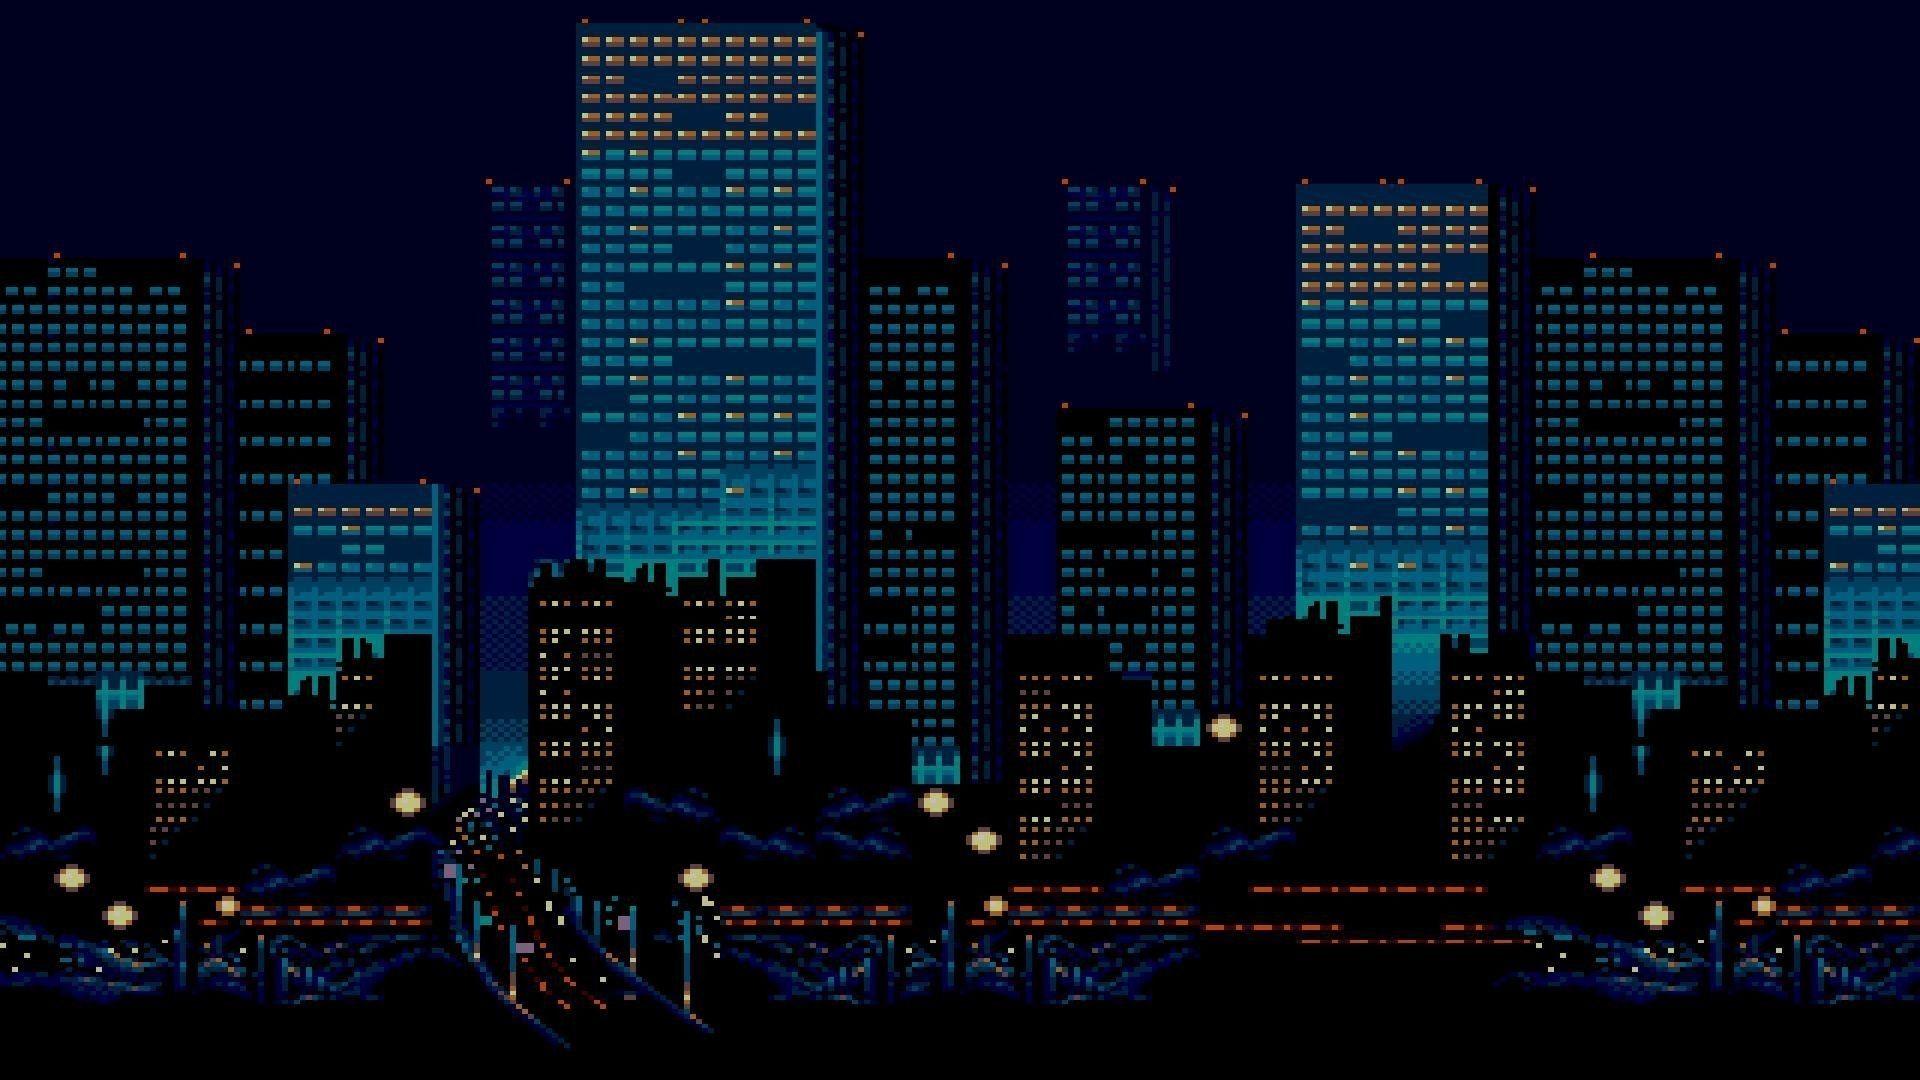 10 New Hd 8 Bit Wallpaper Full Hd 1920 1080 For Pc Background In 2020 Pixel City Pixel Art Art Wallpaper